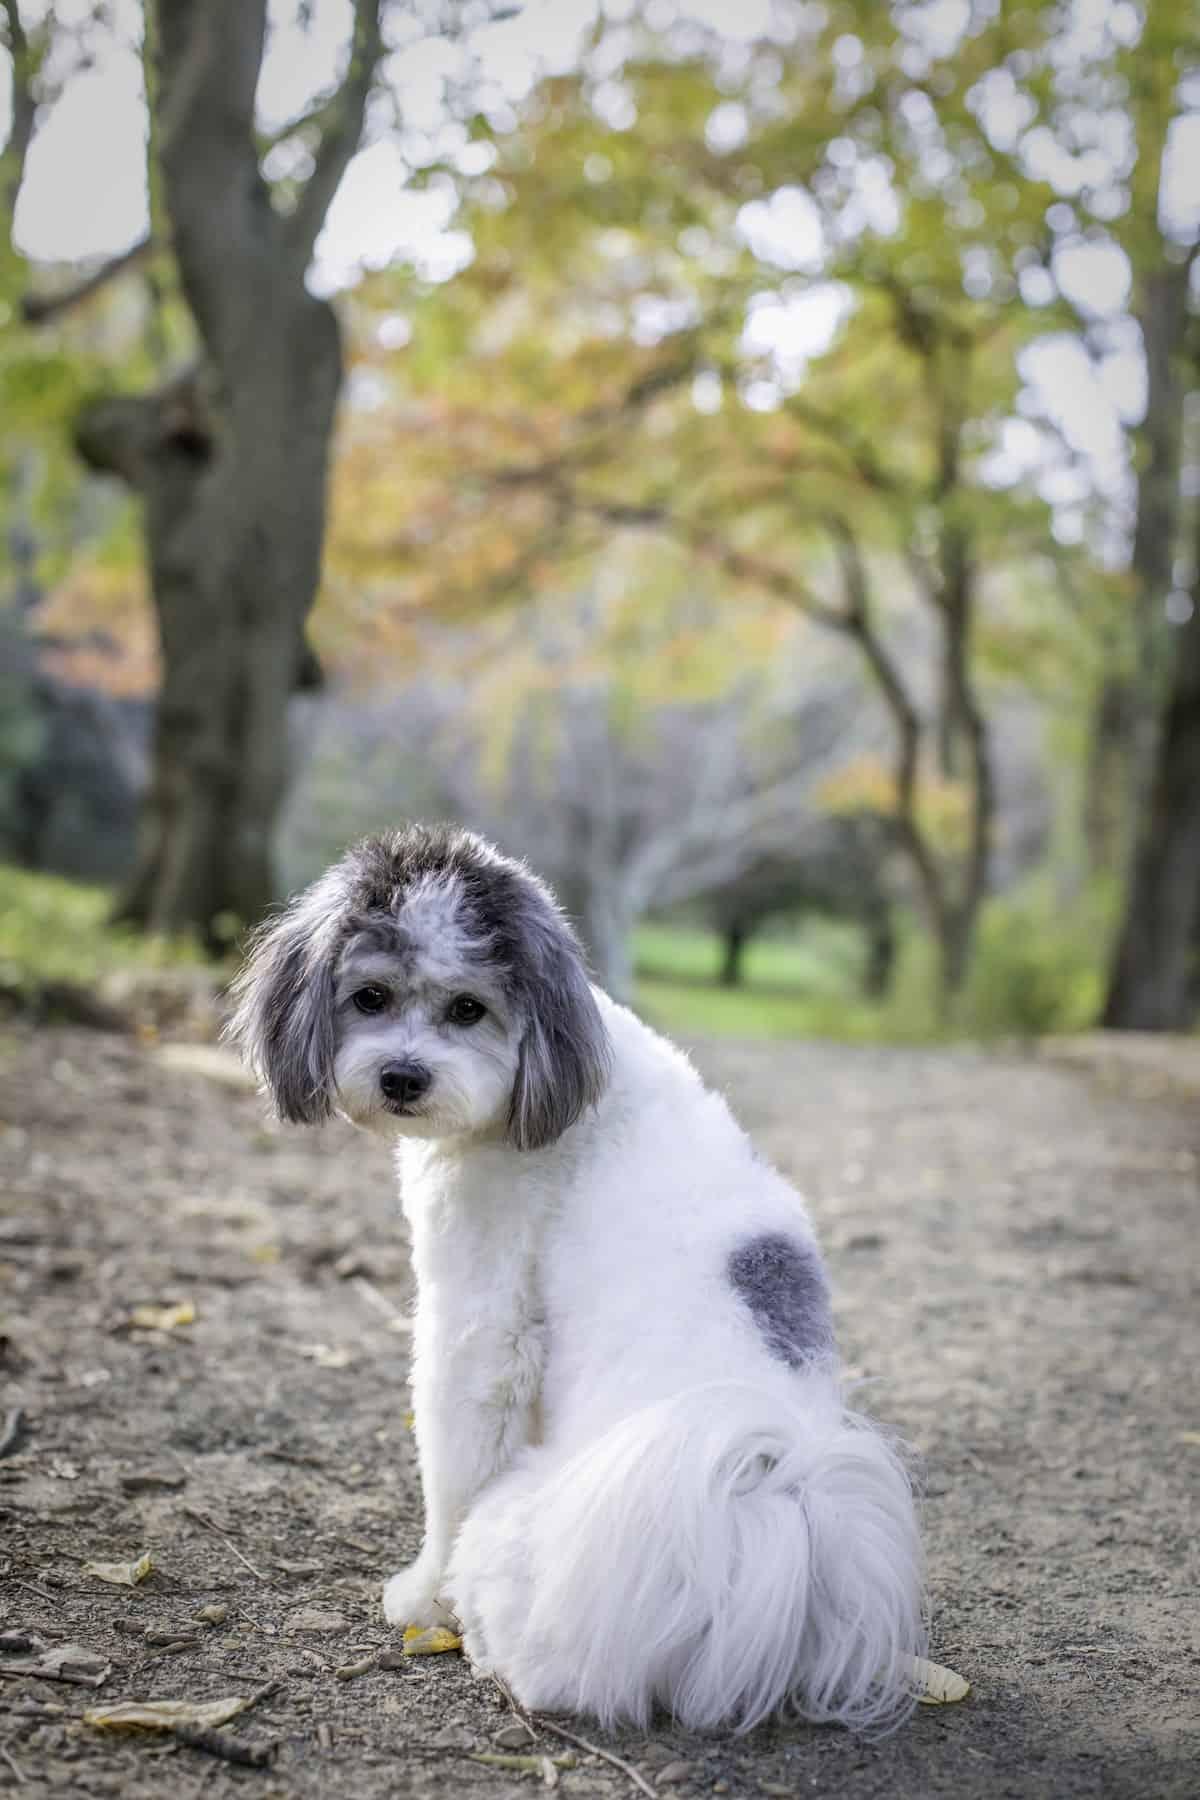 cute dog looking back at the camera